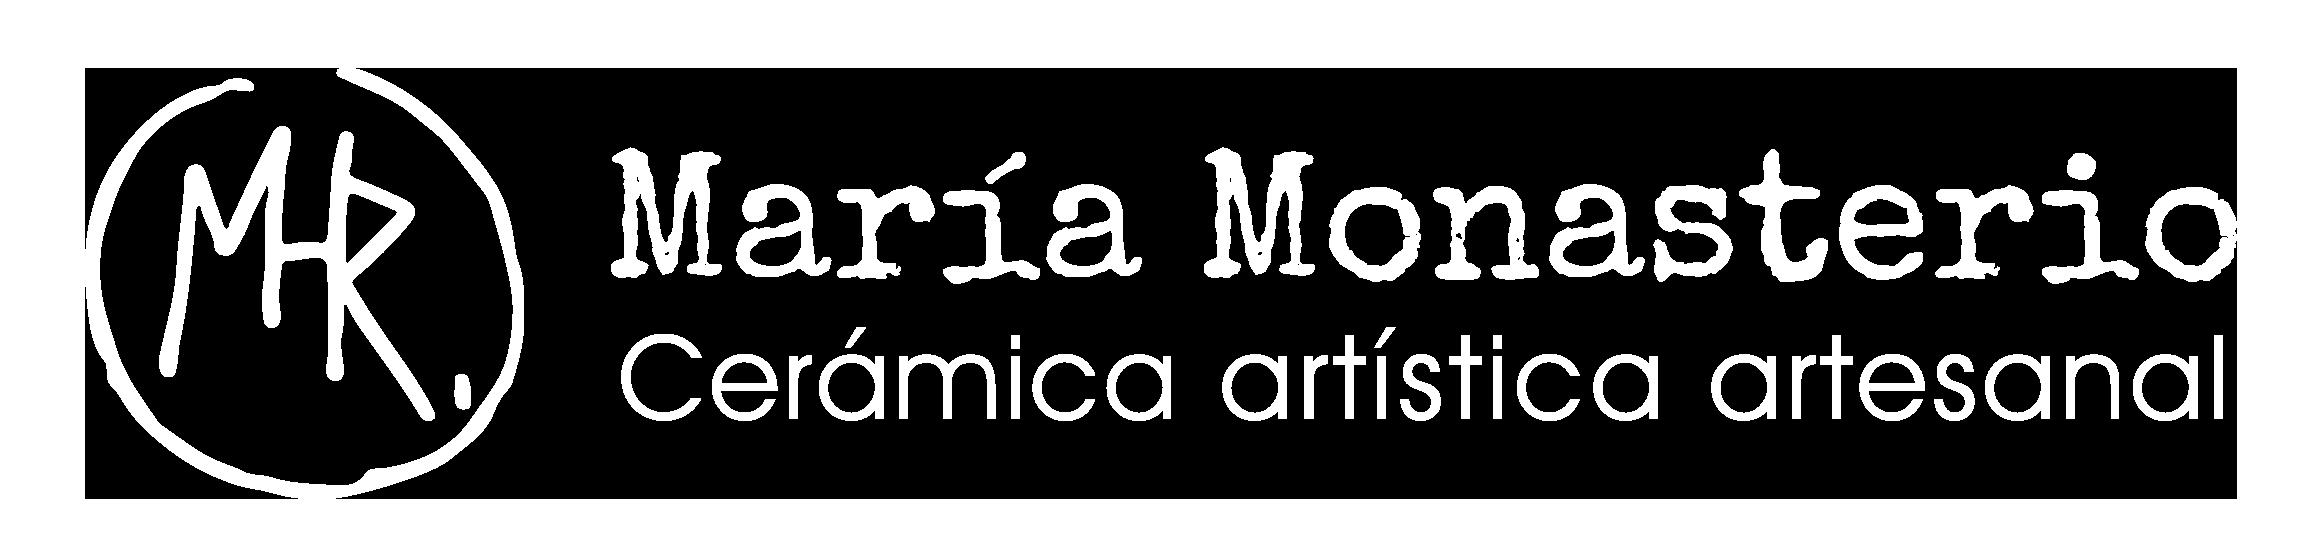 María Monasterio Cerámica